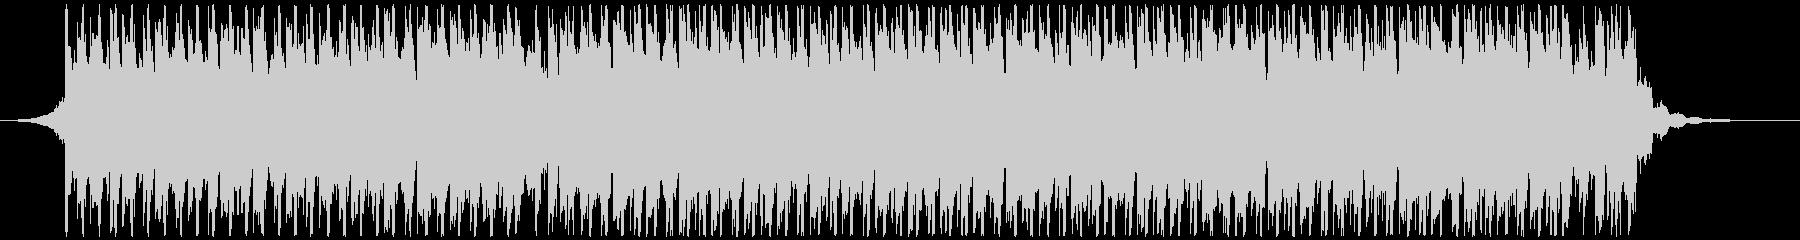 高揚感あふれるポップ(ショート1)の未再生の波形